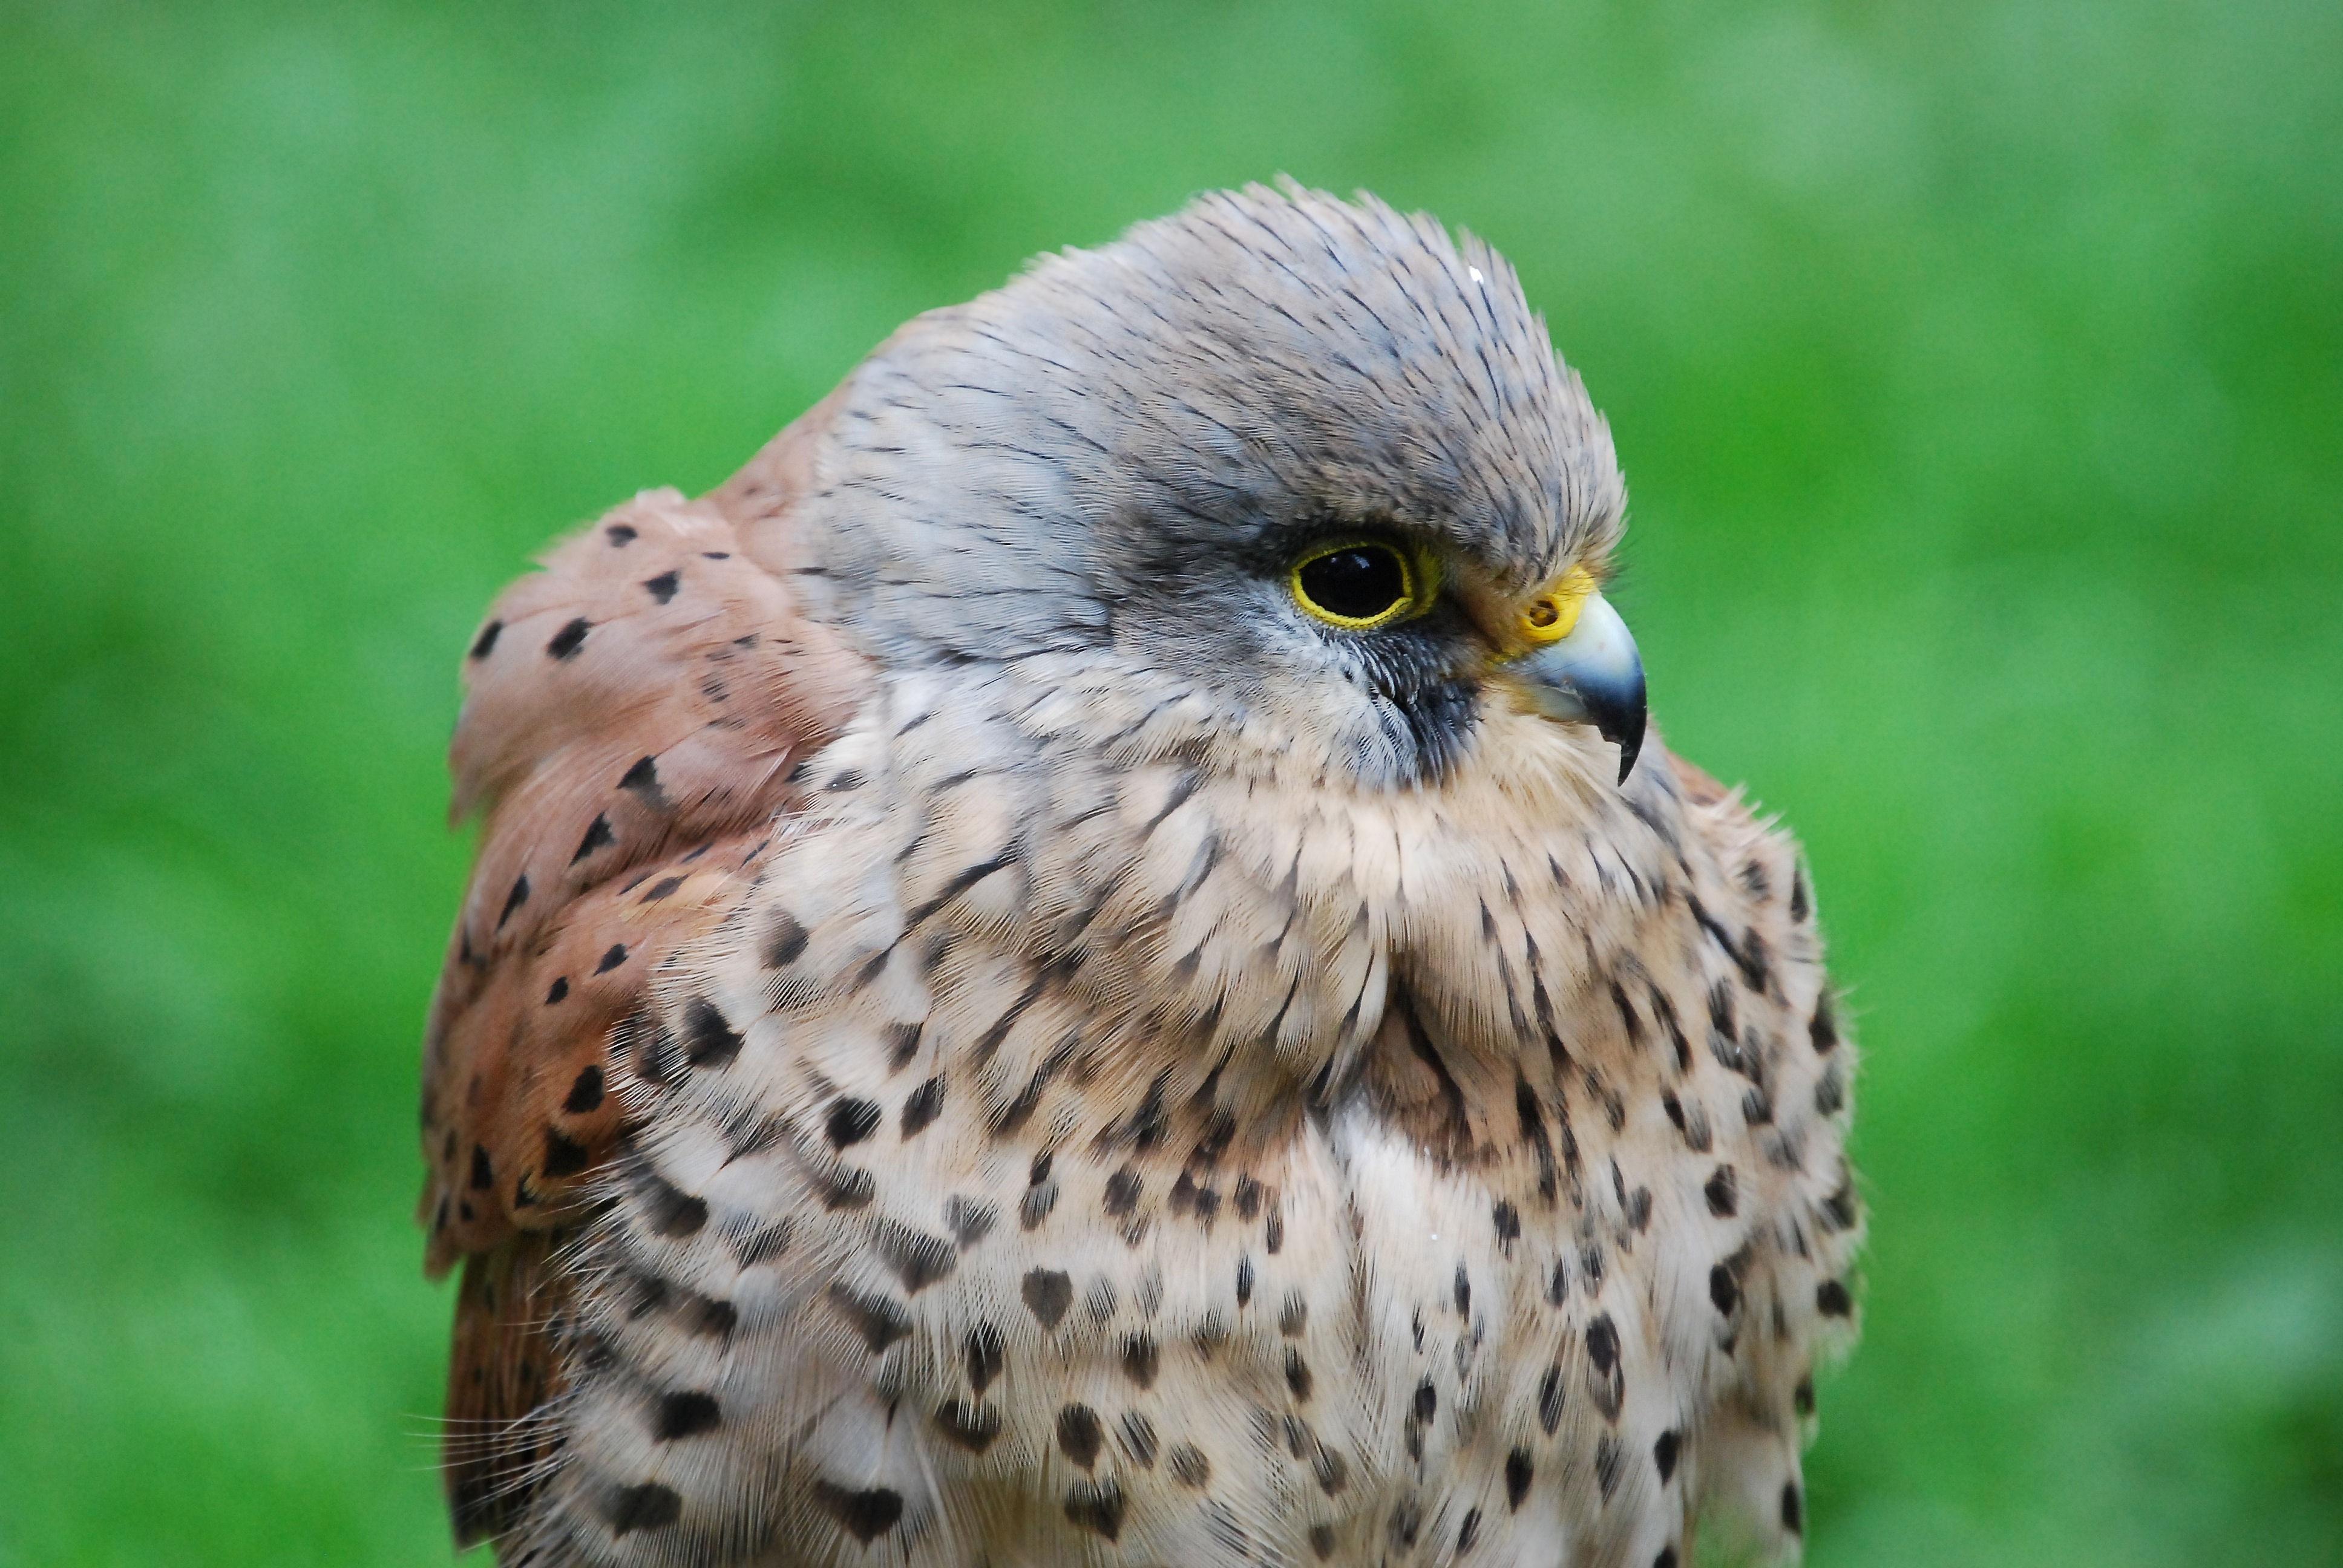 81974 Hintergrundbild herunterladen Tiere, Vogel, Schnabel, Raubtier, Predator, Falke, Hawk, Turmfalke, Kestrel - Bildschirmschoner und Bilder kostenlos